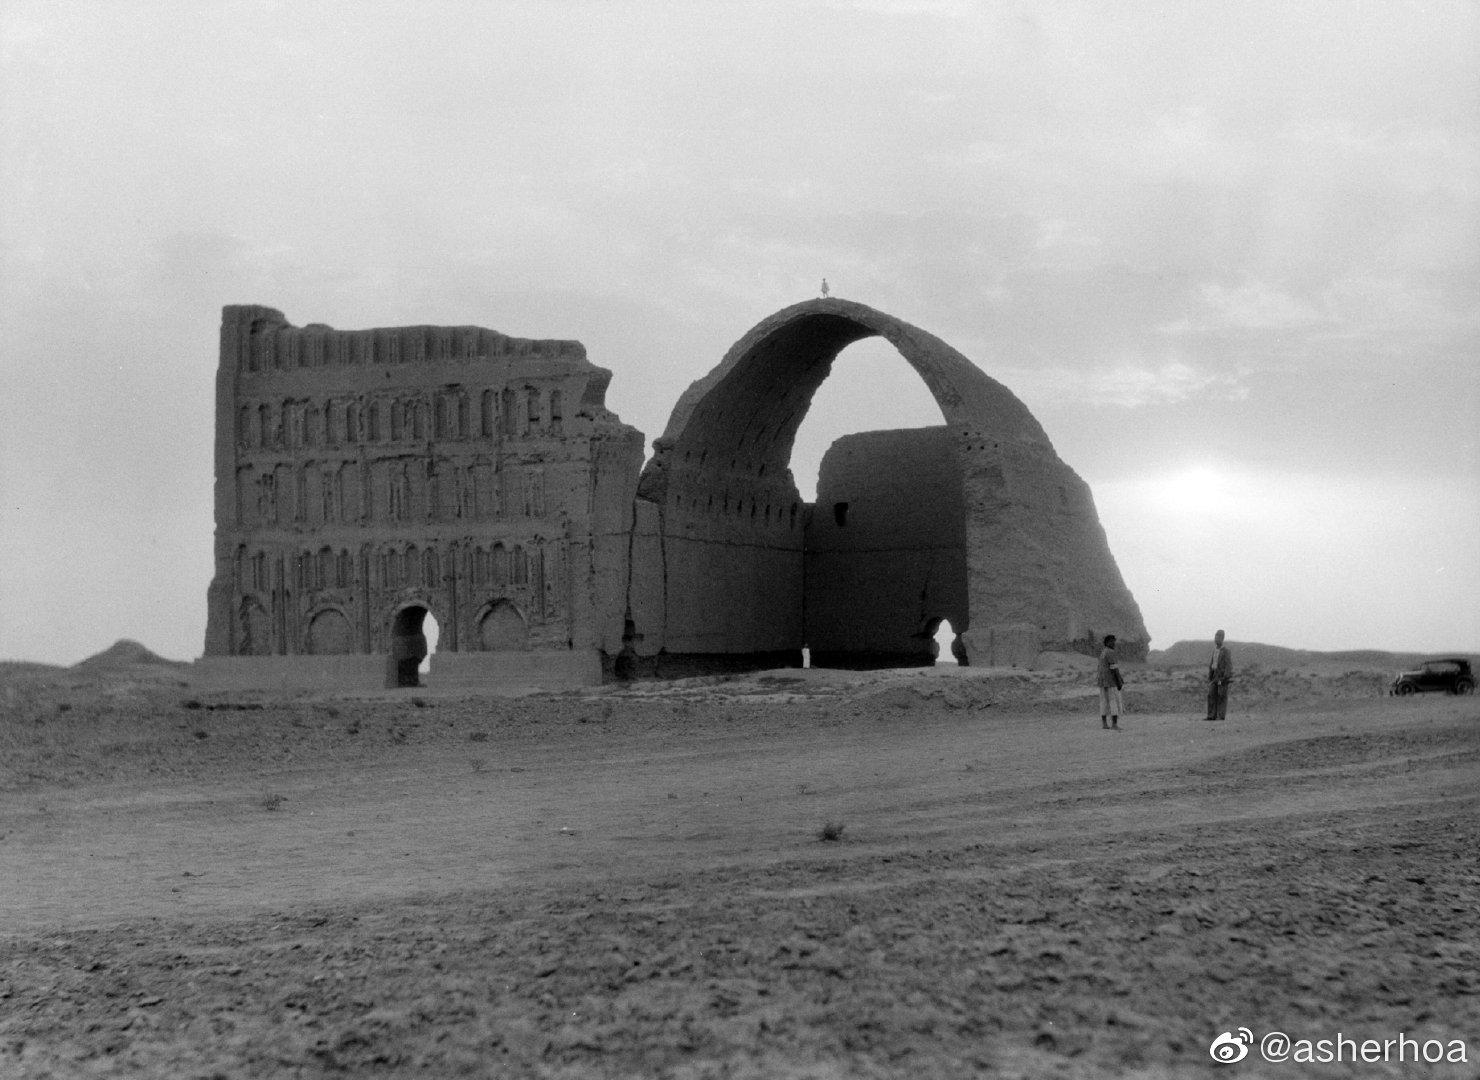 伊拉克境内泰西封塔克基思拉宫遗址……